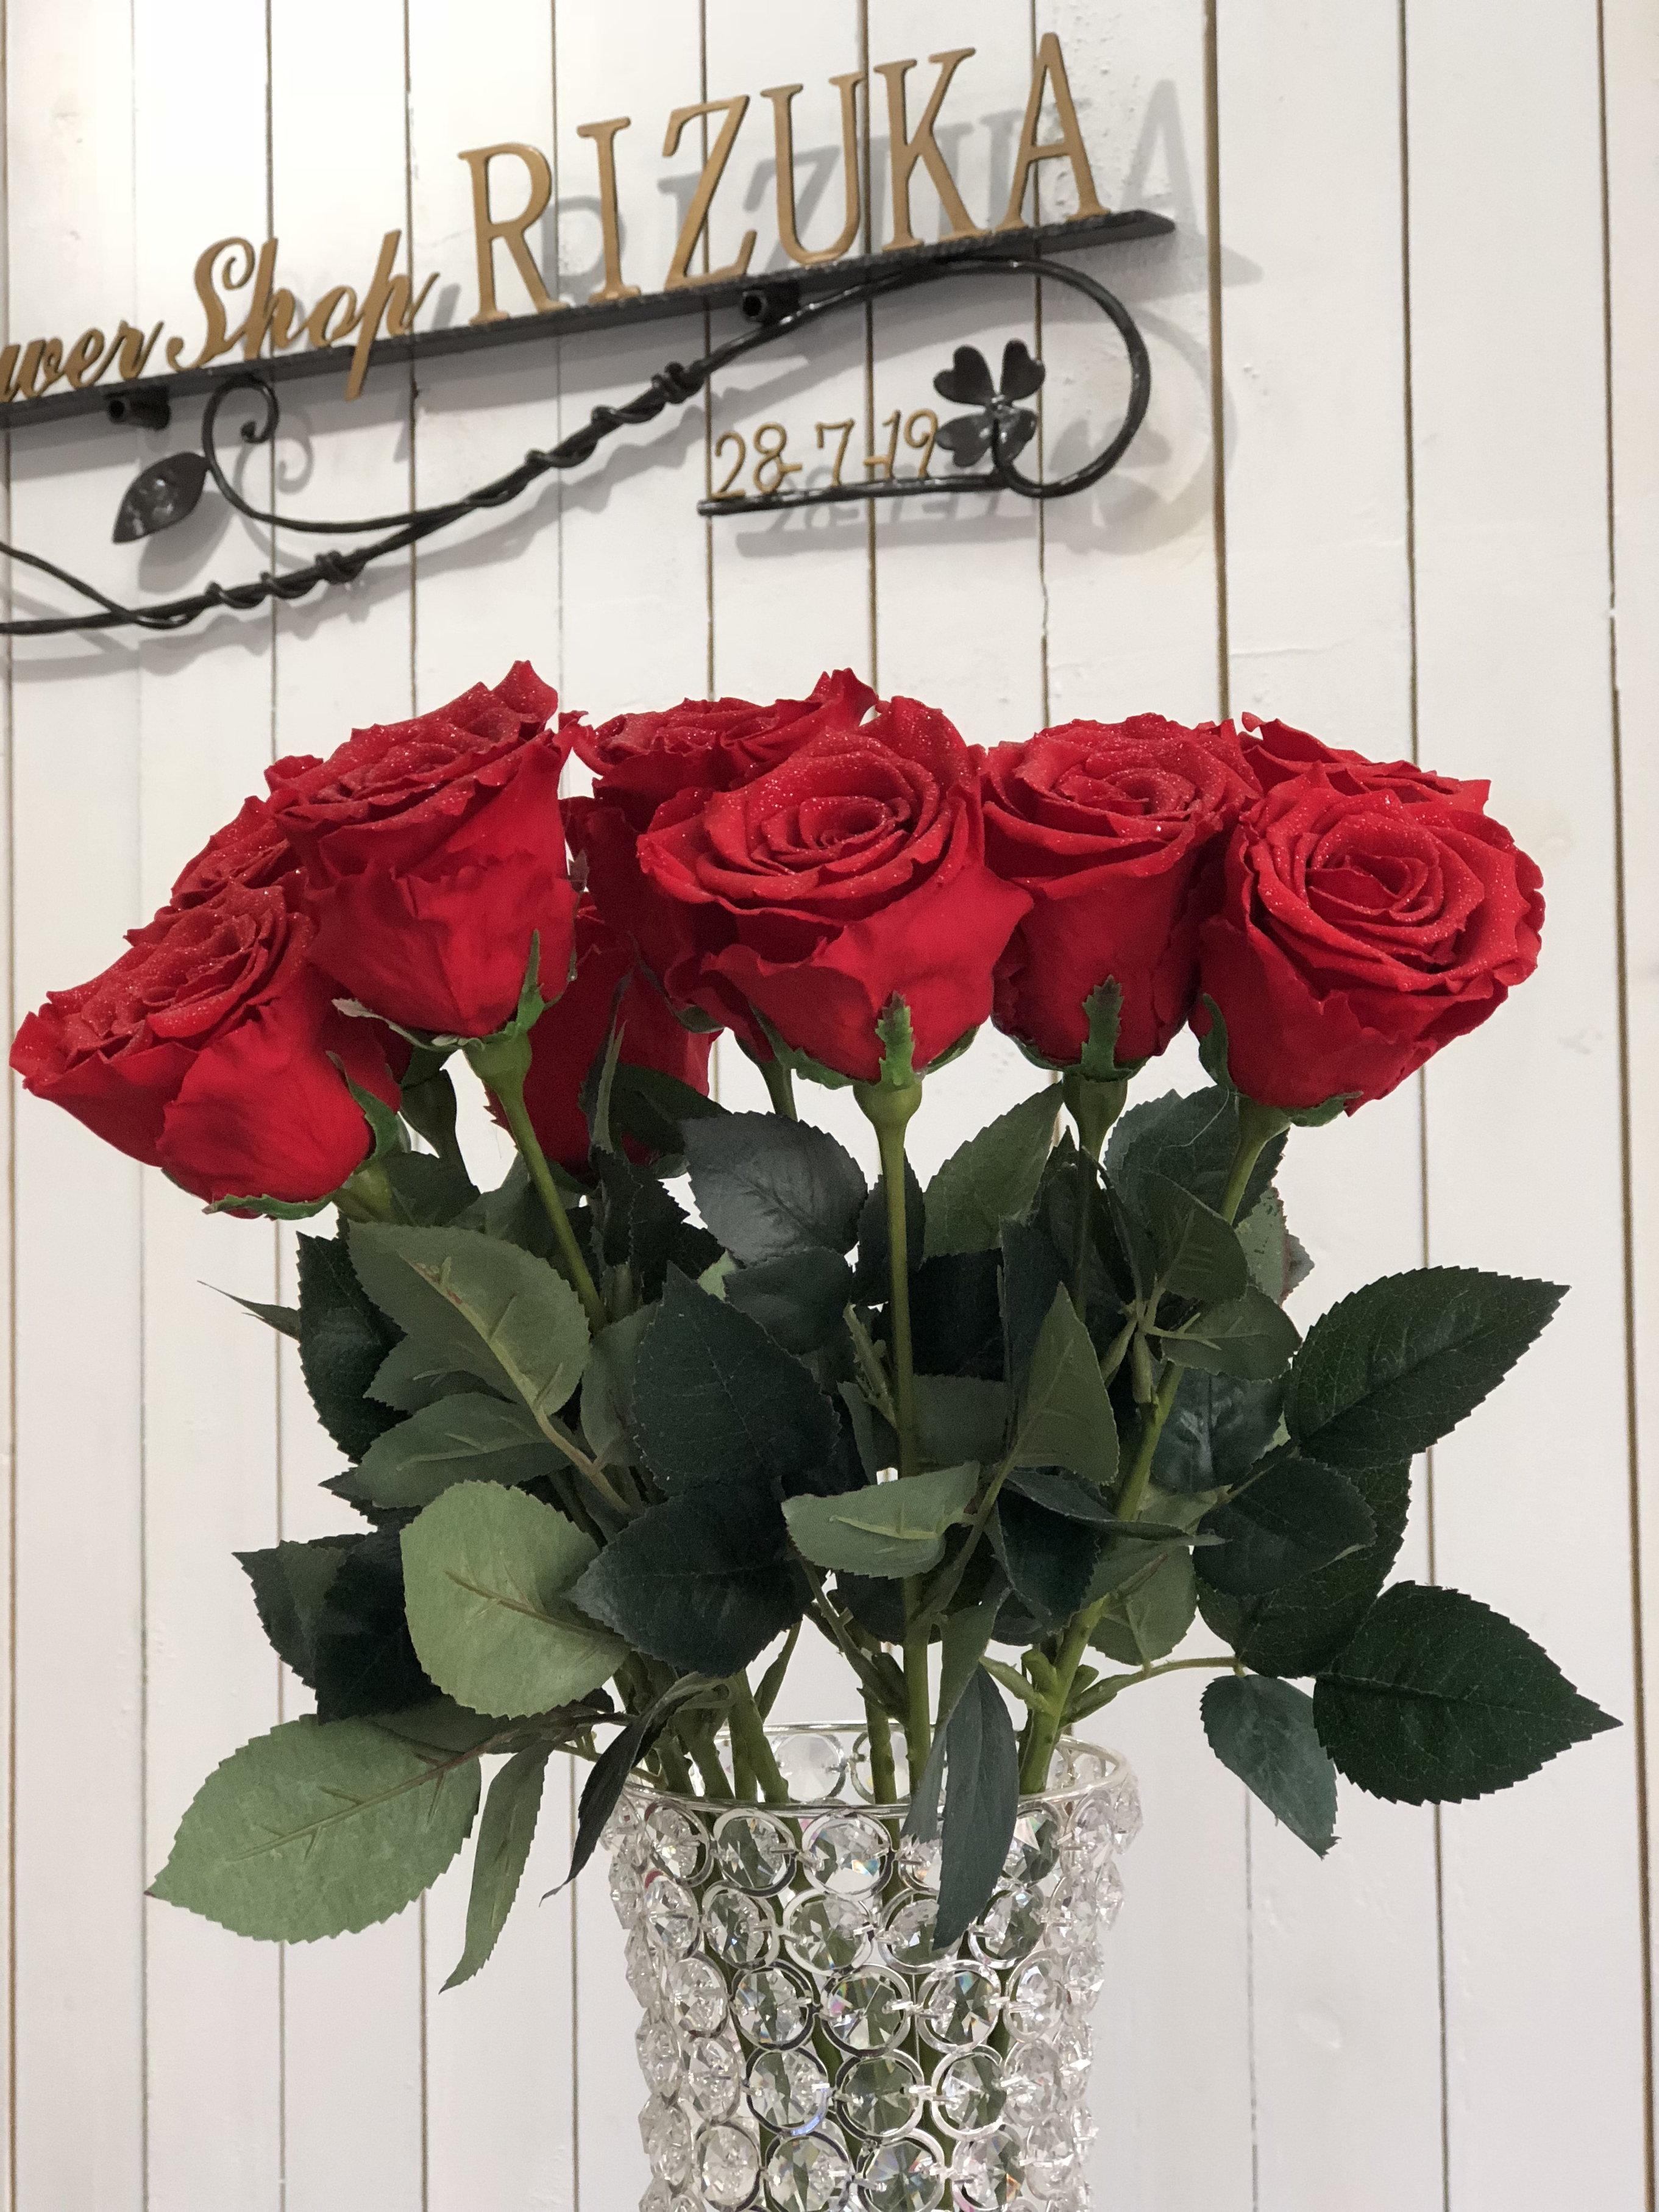 池袋 プリザーブドフラワー専門店 フラワーショップリズカ 赤バラプリザーブドフラワー 花束ブーケ